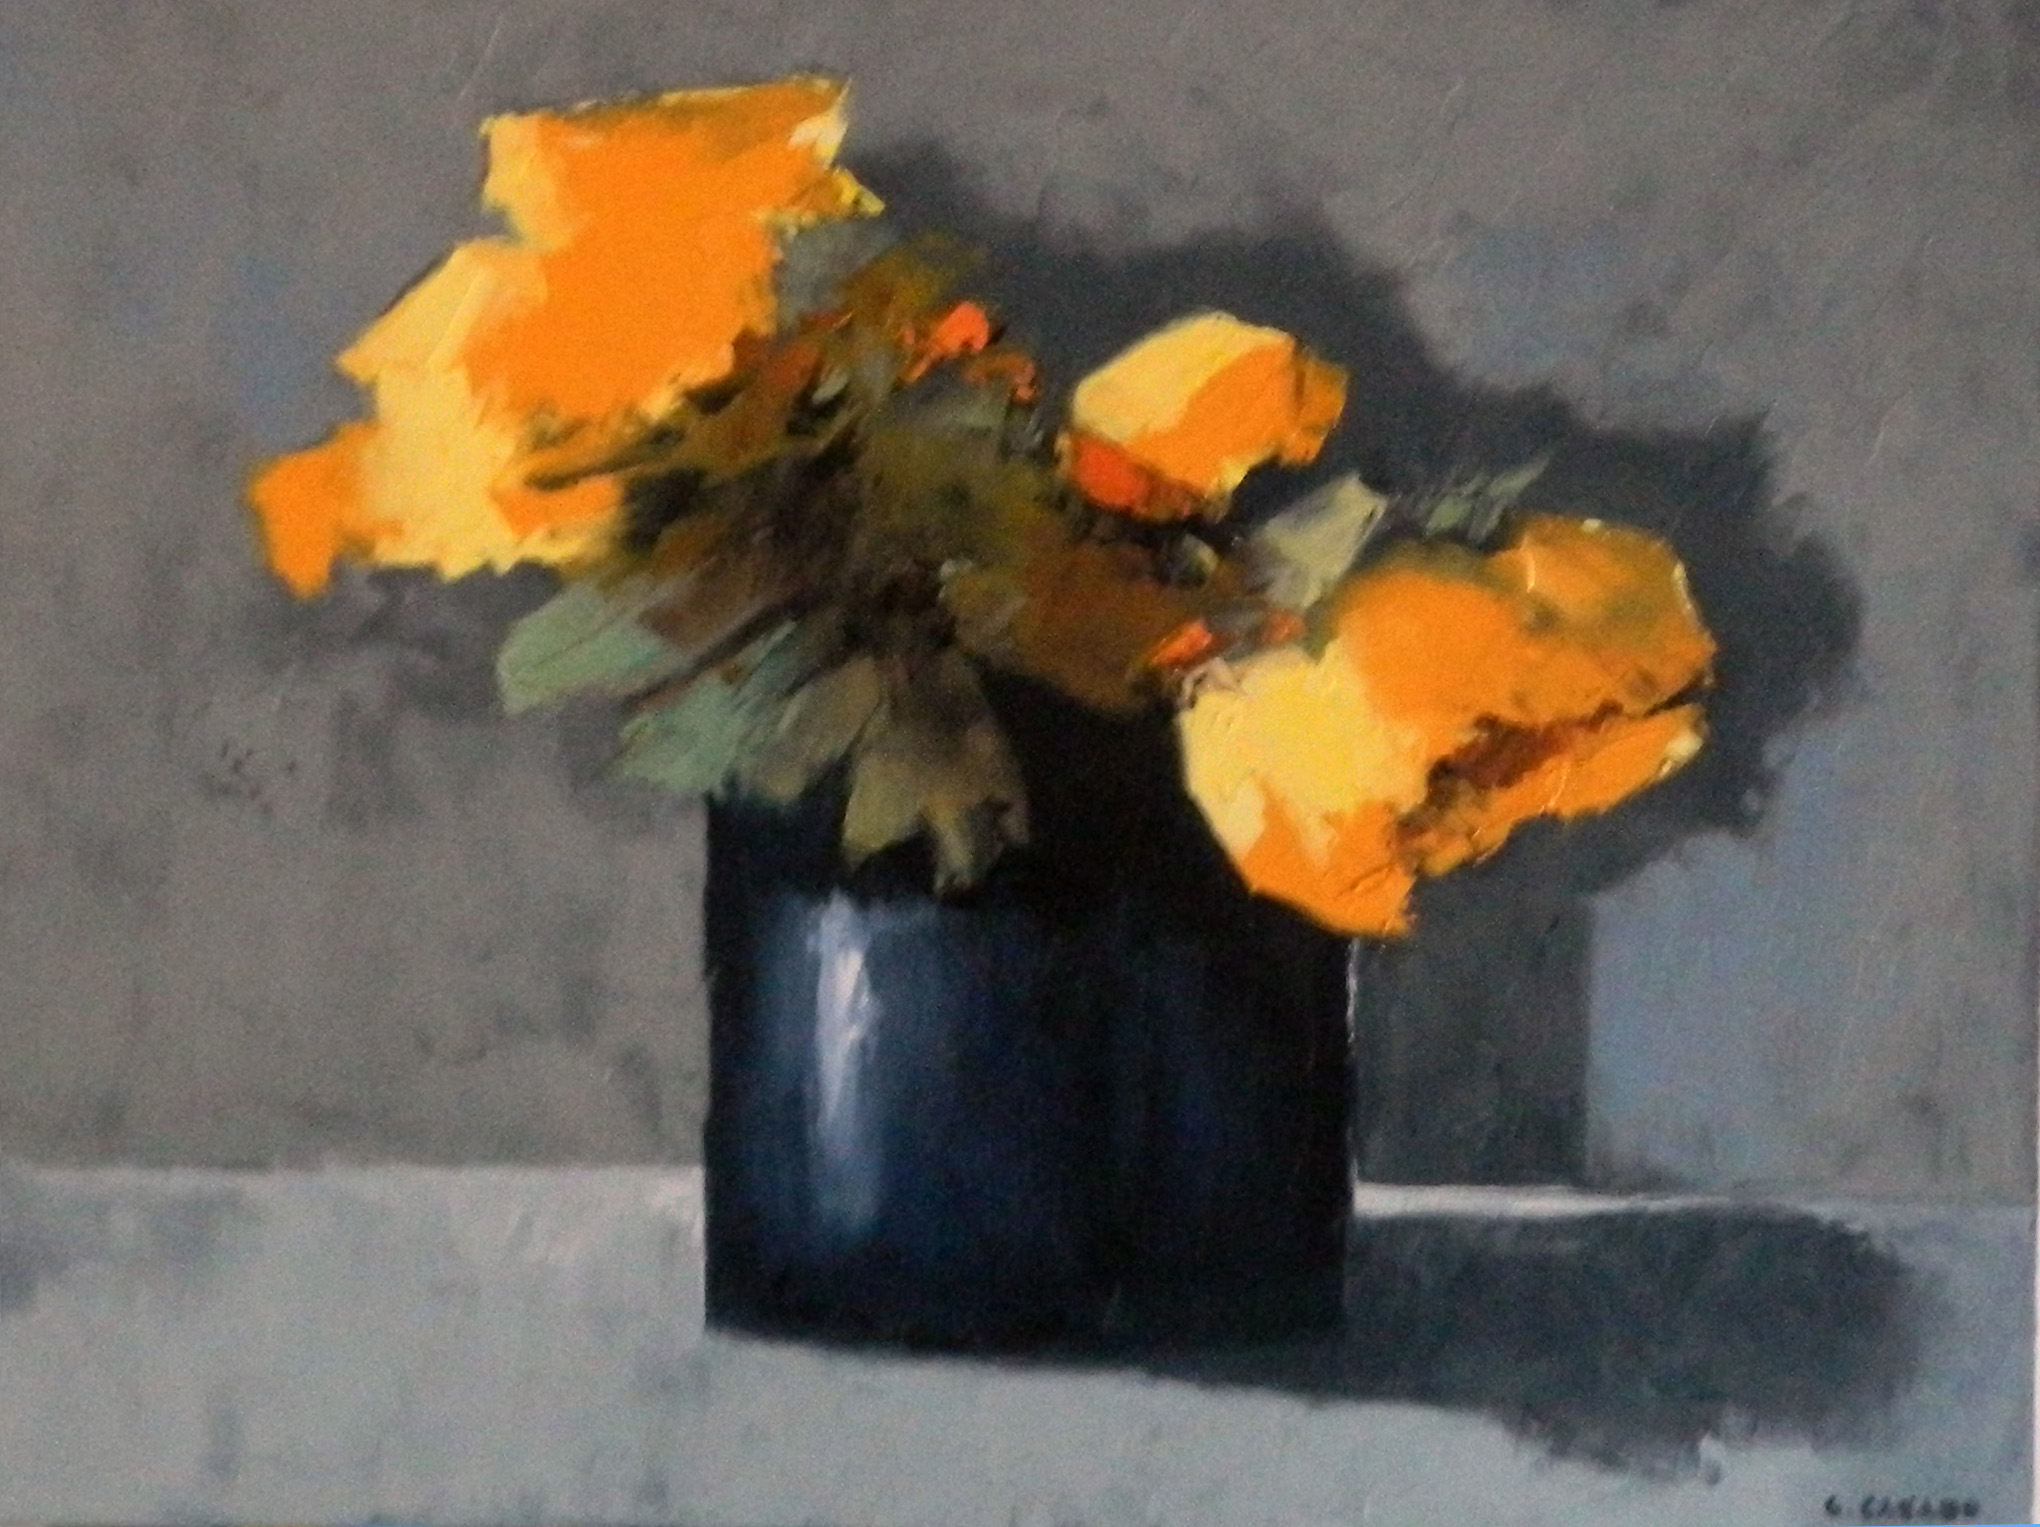 cores-das-flores-3-060-x-080